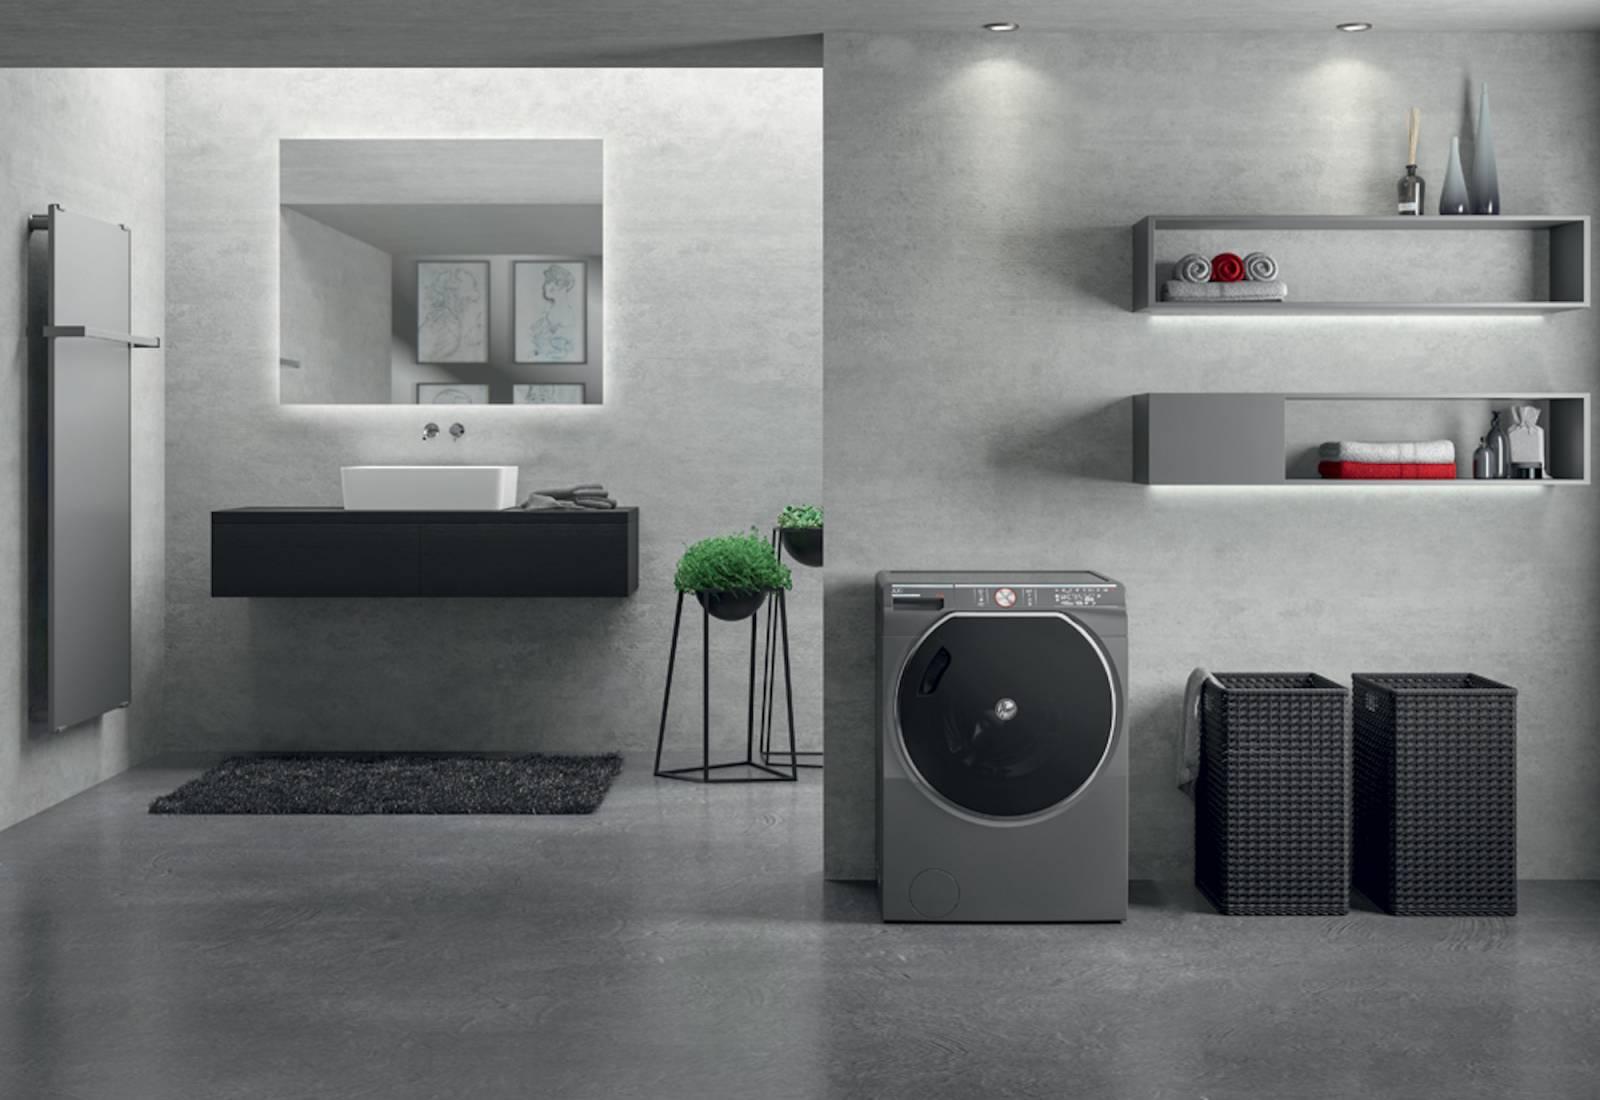 Immagine La lavatrice riordina il detersivo da sola 1